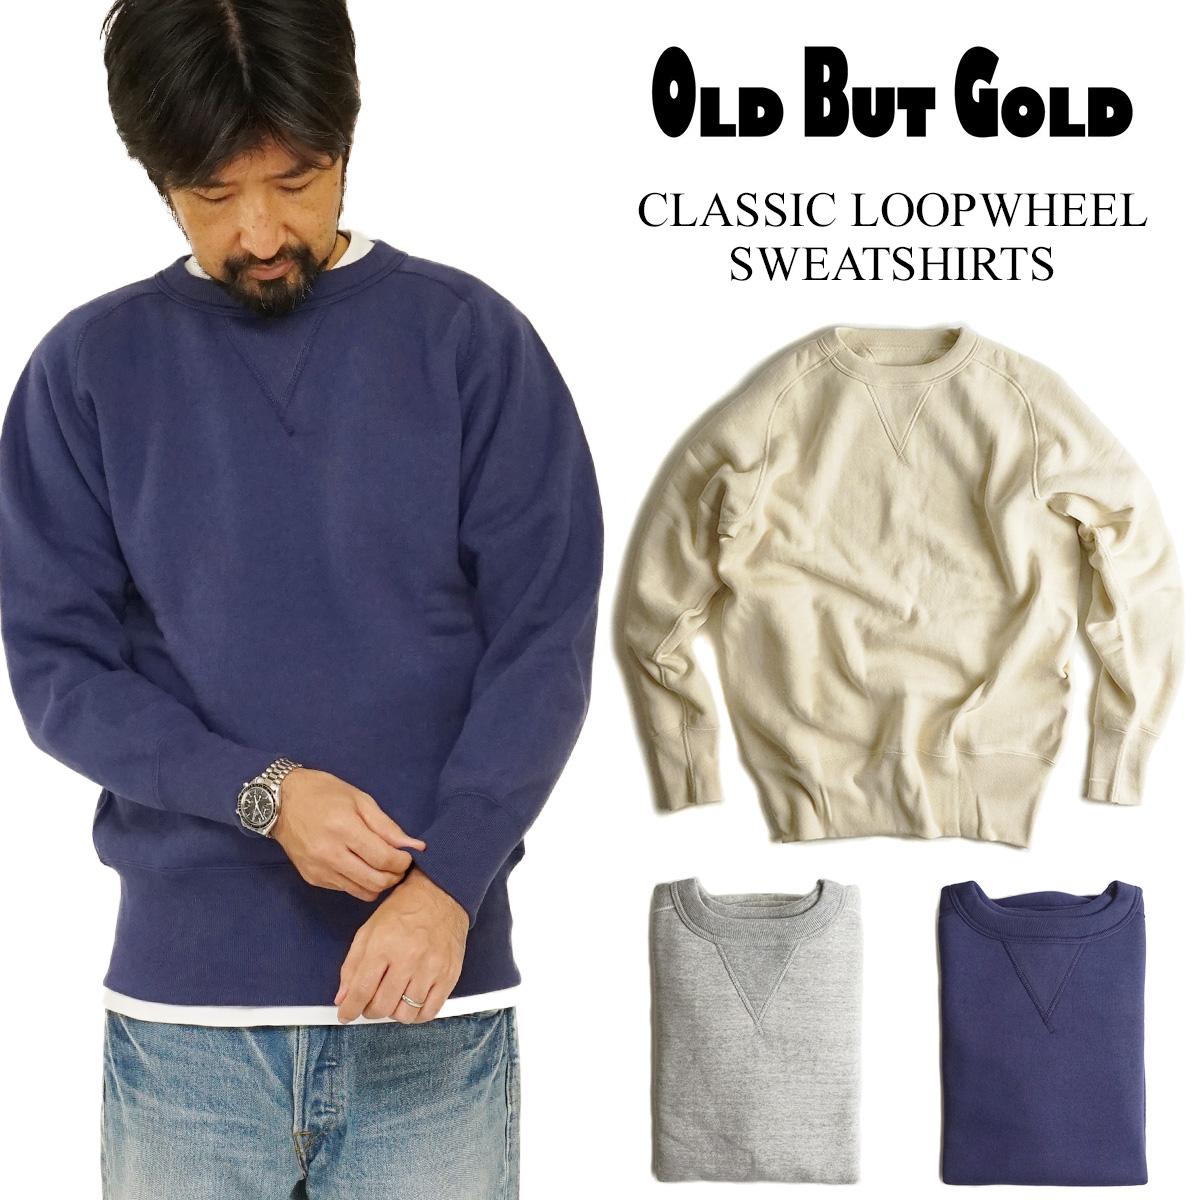 オールドバットゴールド OLD BUT GOLD クラッシック ループウィール スウェットシャツ (メンズ S-L 吊り編み ループウィーラー 両V ロングリブ)